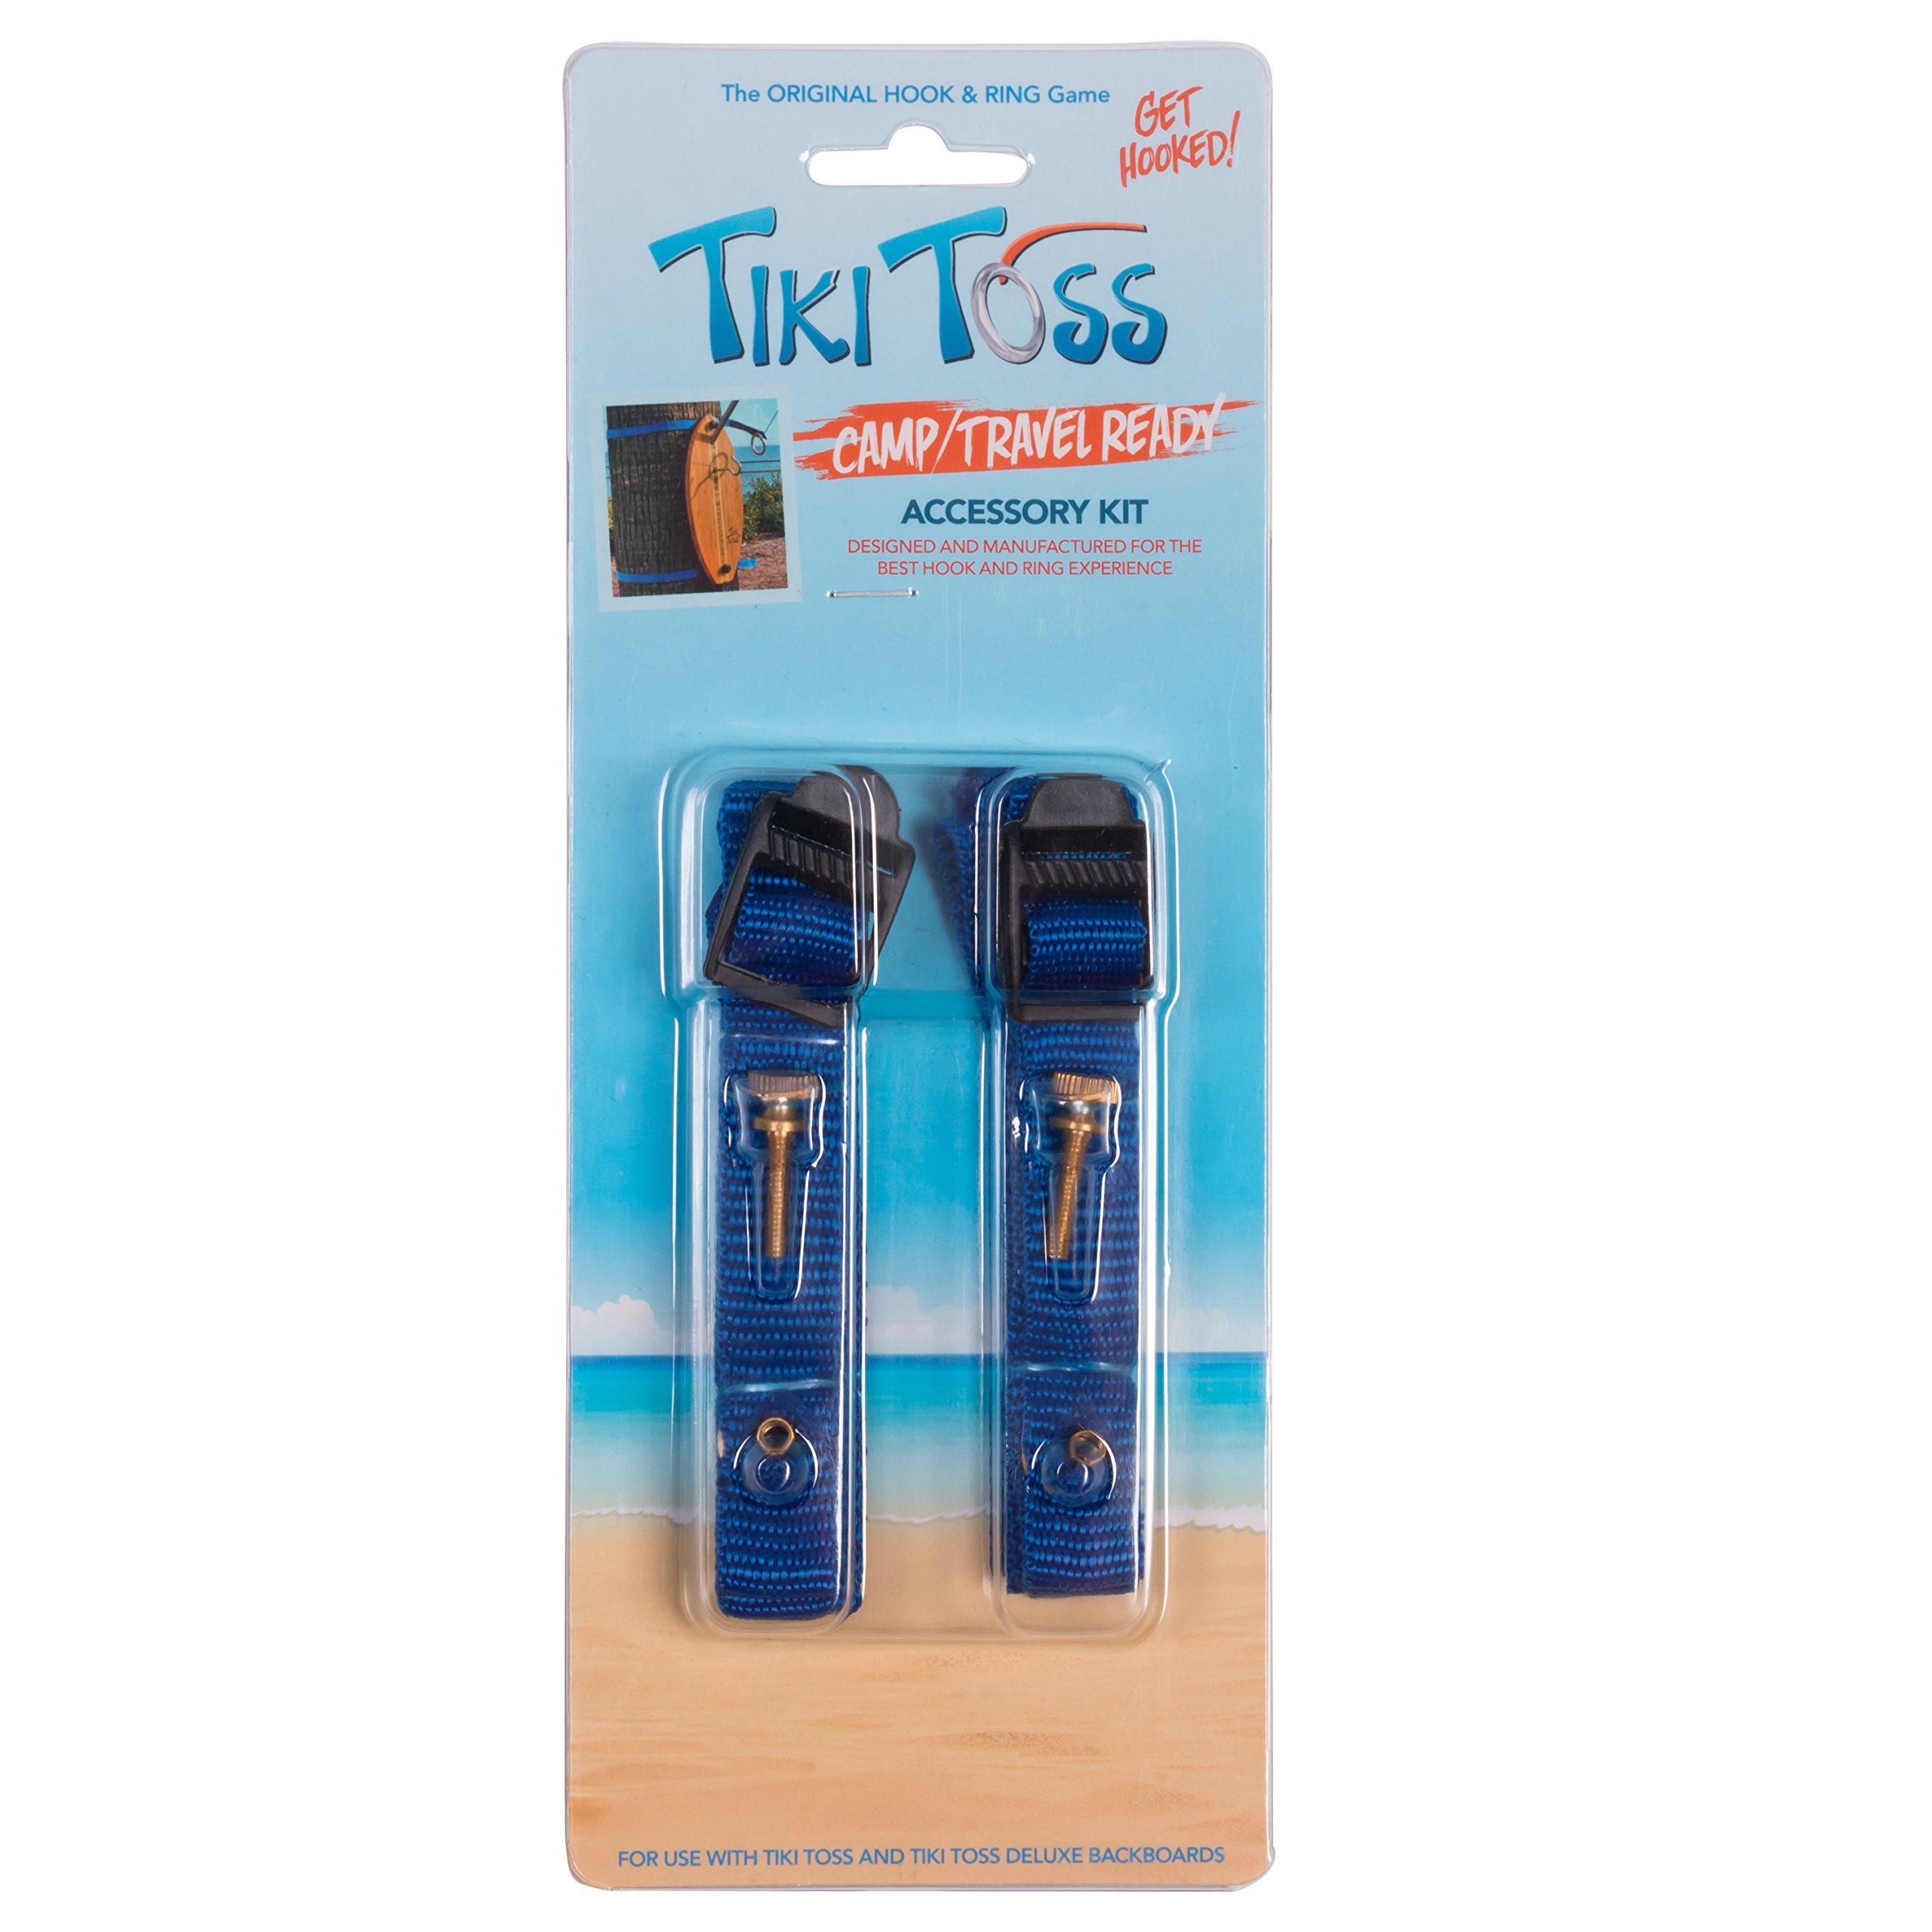 Tiki Toss Straps - Camping / Travel Straps To Hang Ring Game by Tiki Toss